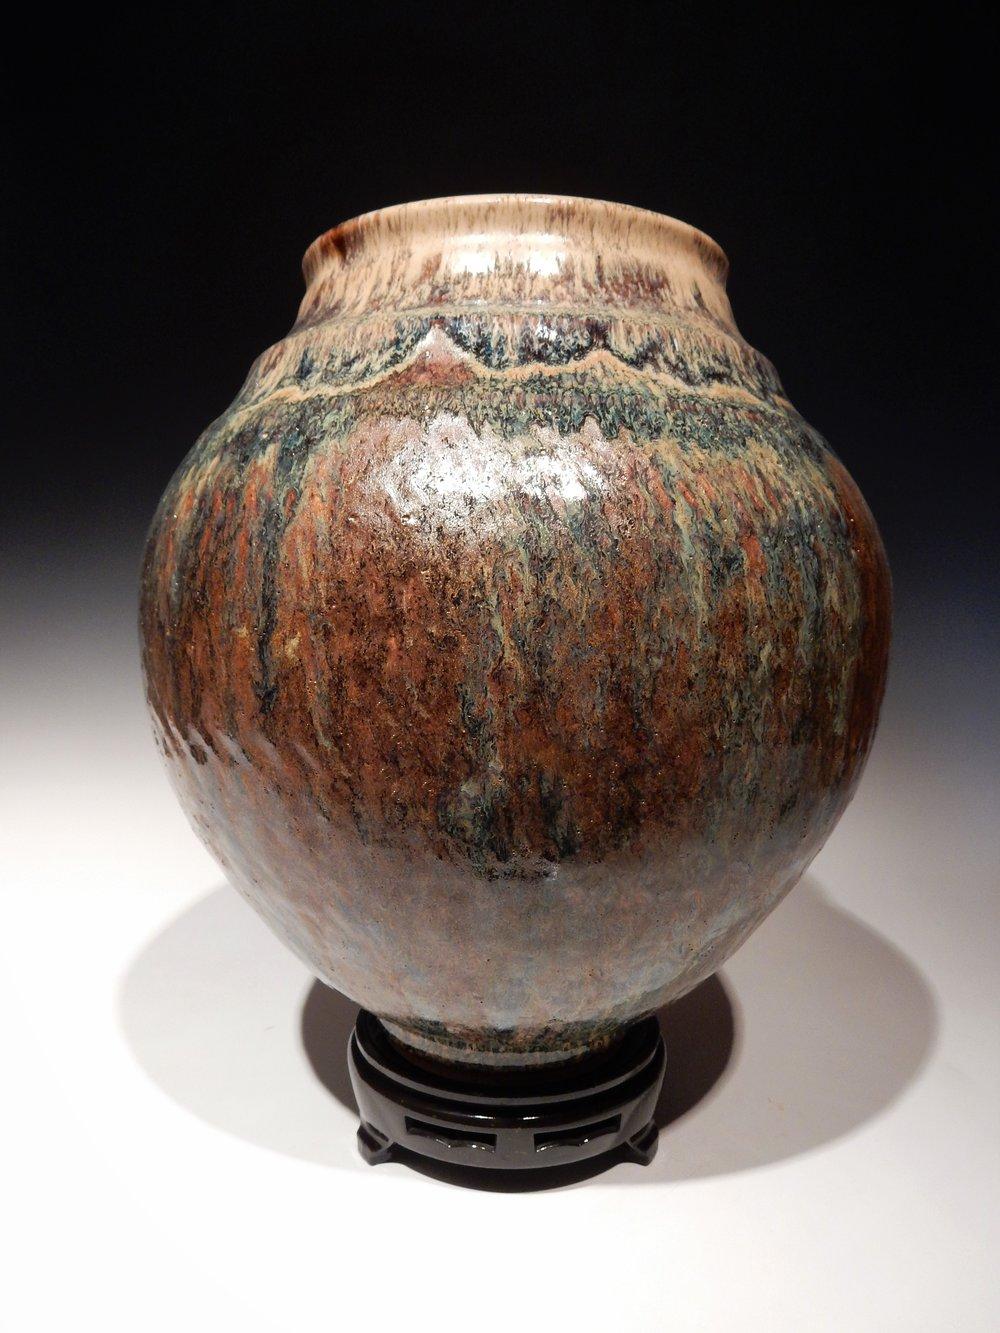 vase website 3.jpg